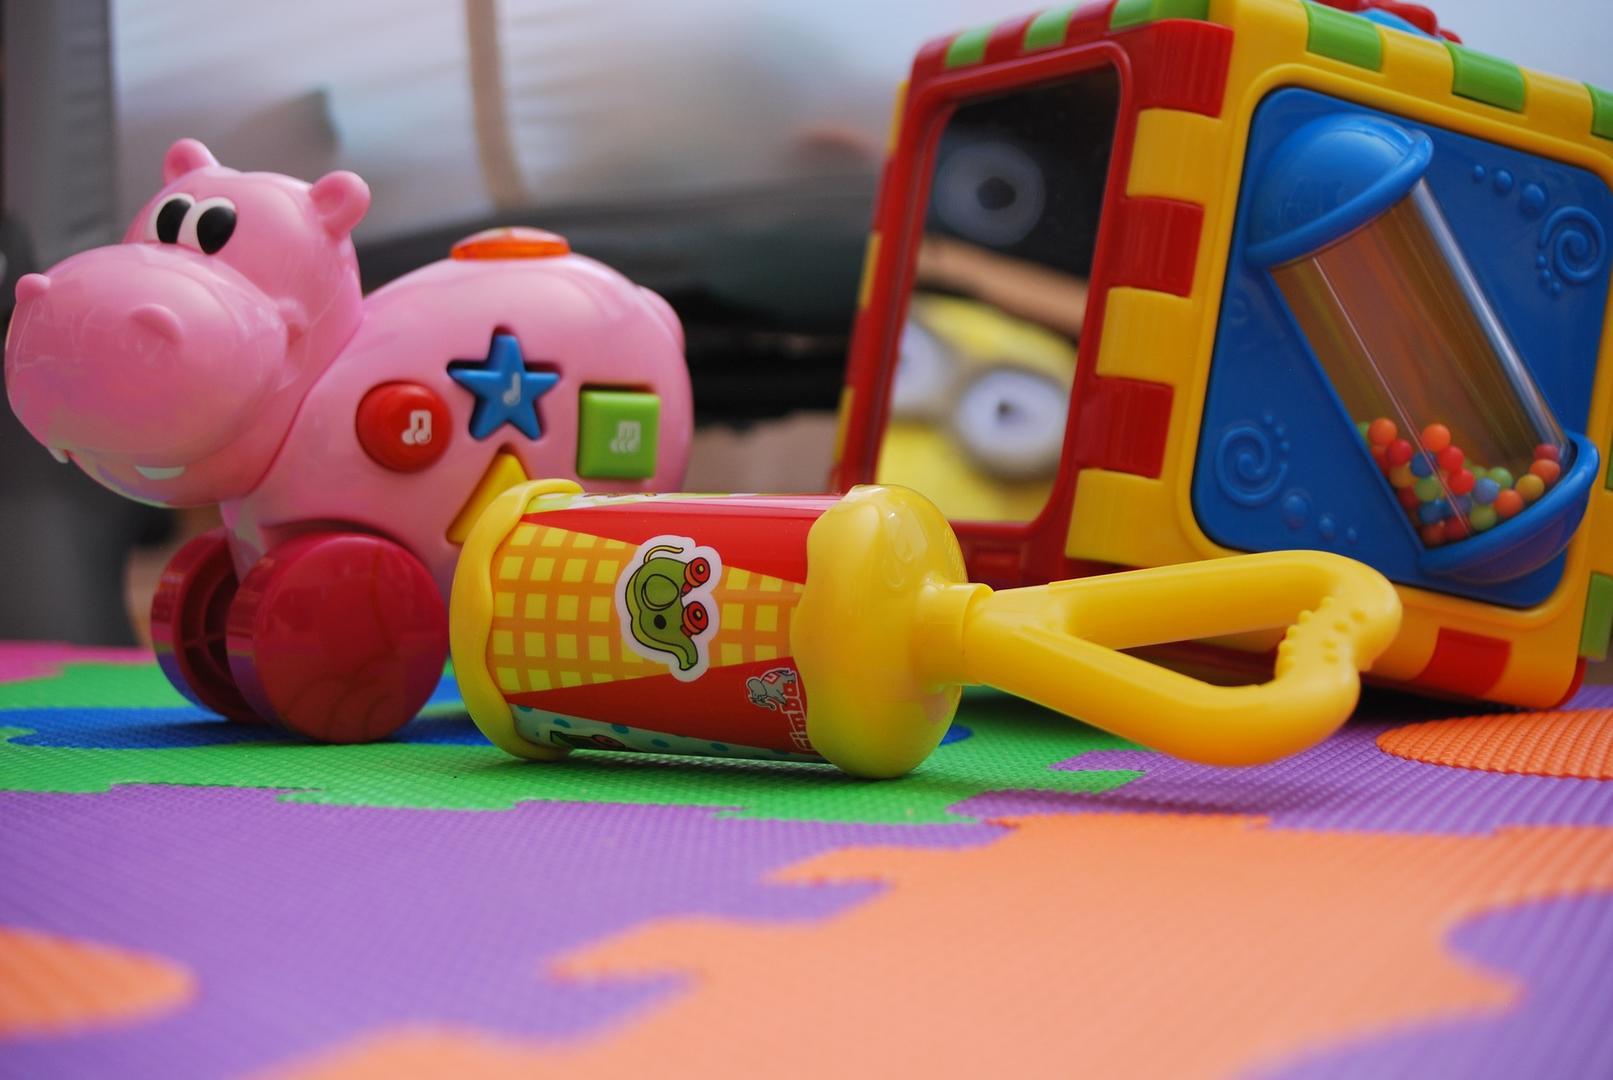 LIEU D'ACCUEIL ENFANTS-PARENTS (0-6 ans) - Jeux pour enfants - La Roche-Posay | Office de ...